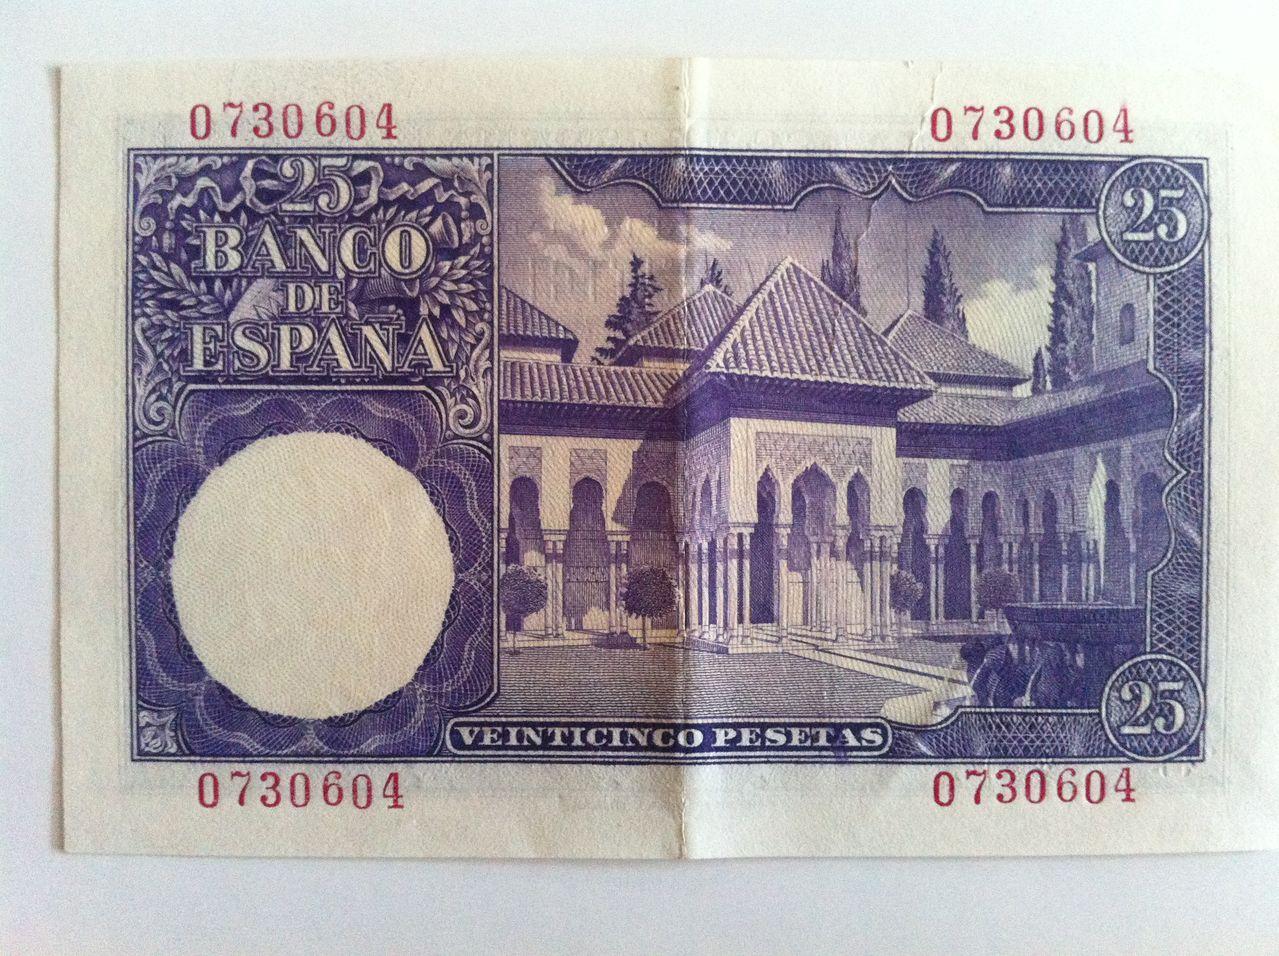 Ayuda para valorar coleccion de billetes IMG_4994